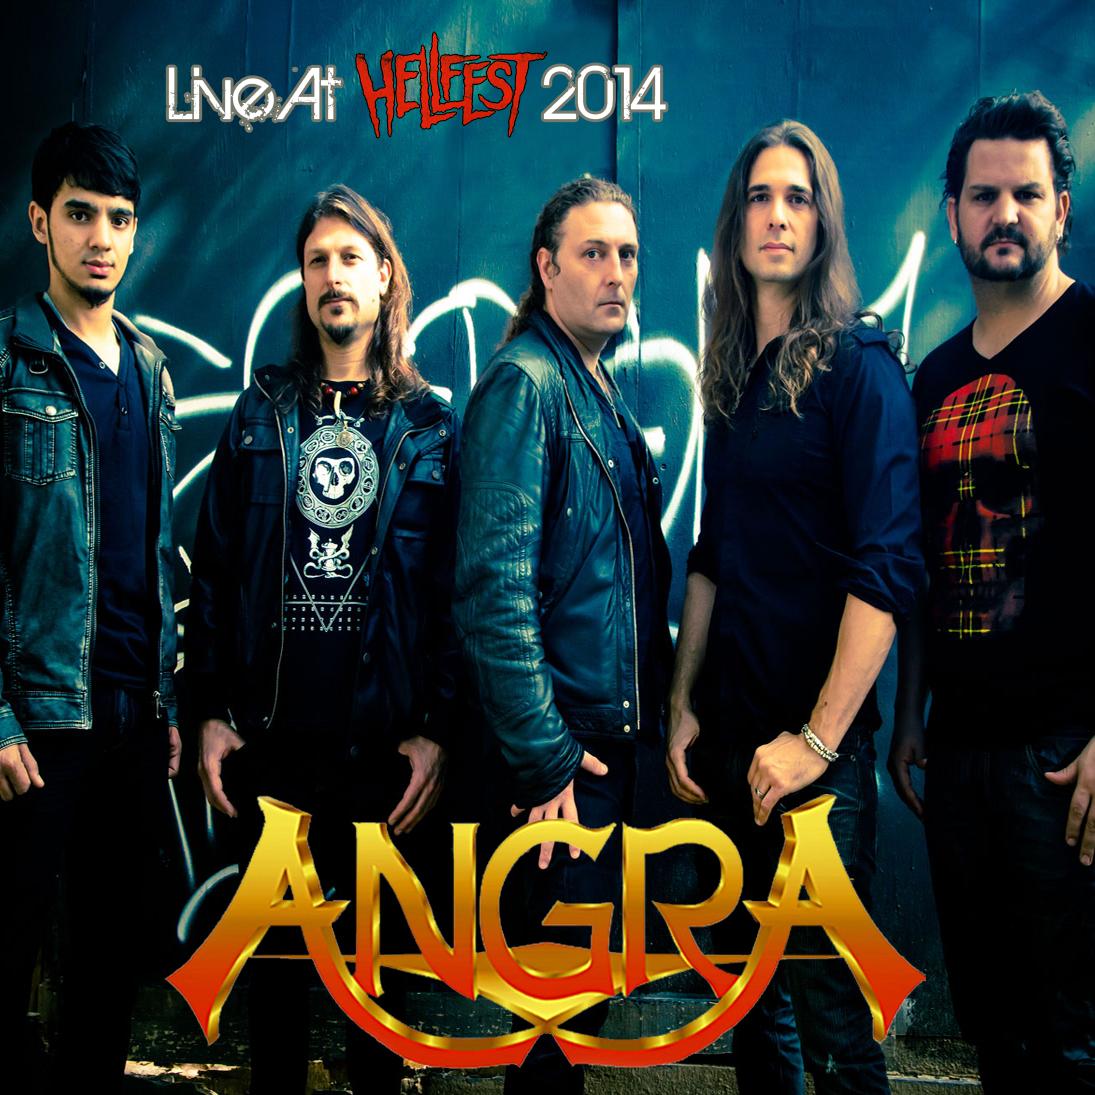 CD DO FIREWORKS BAIXAR ANGRA